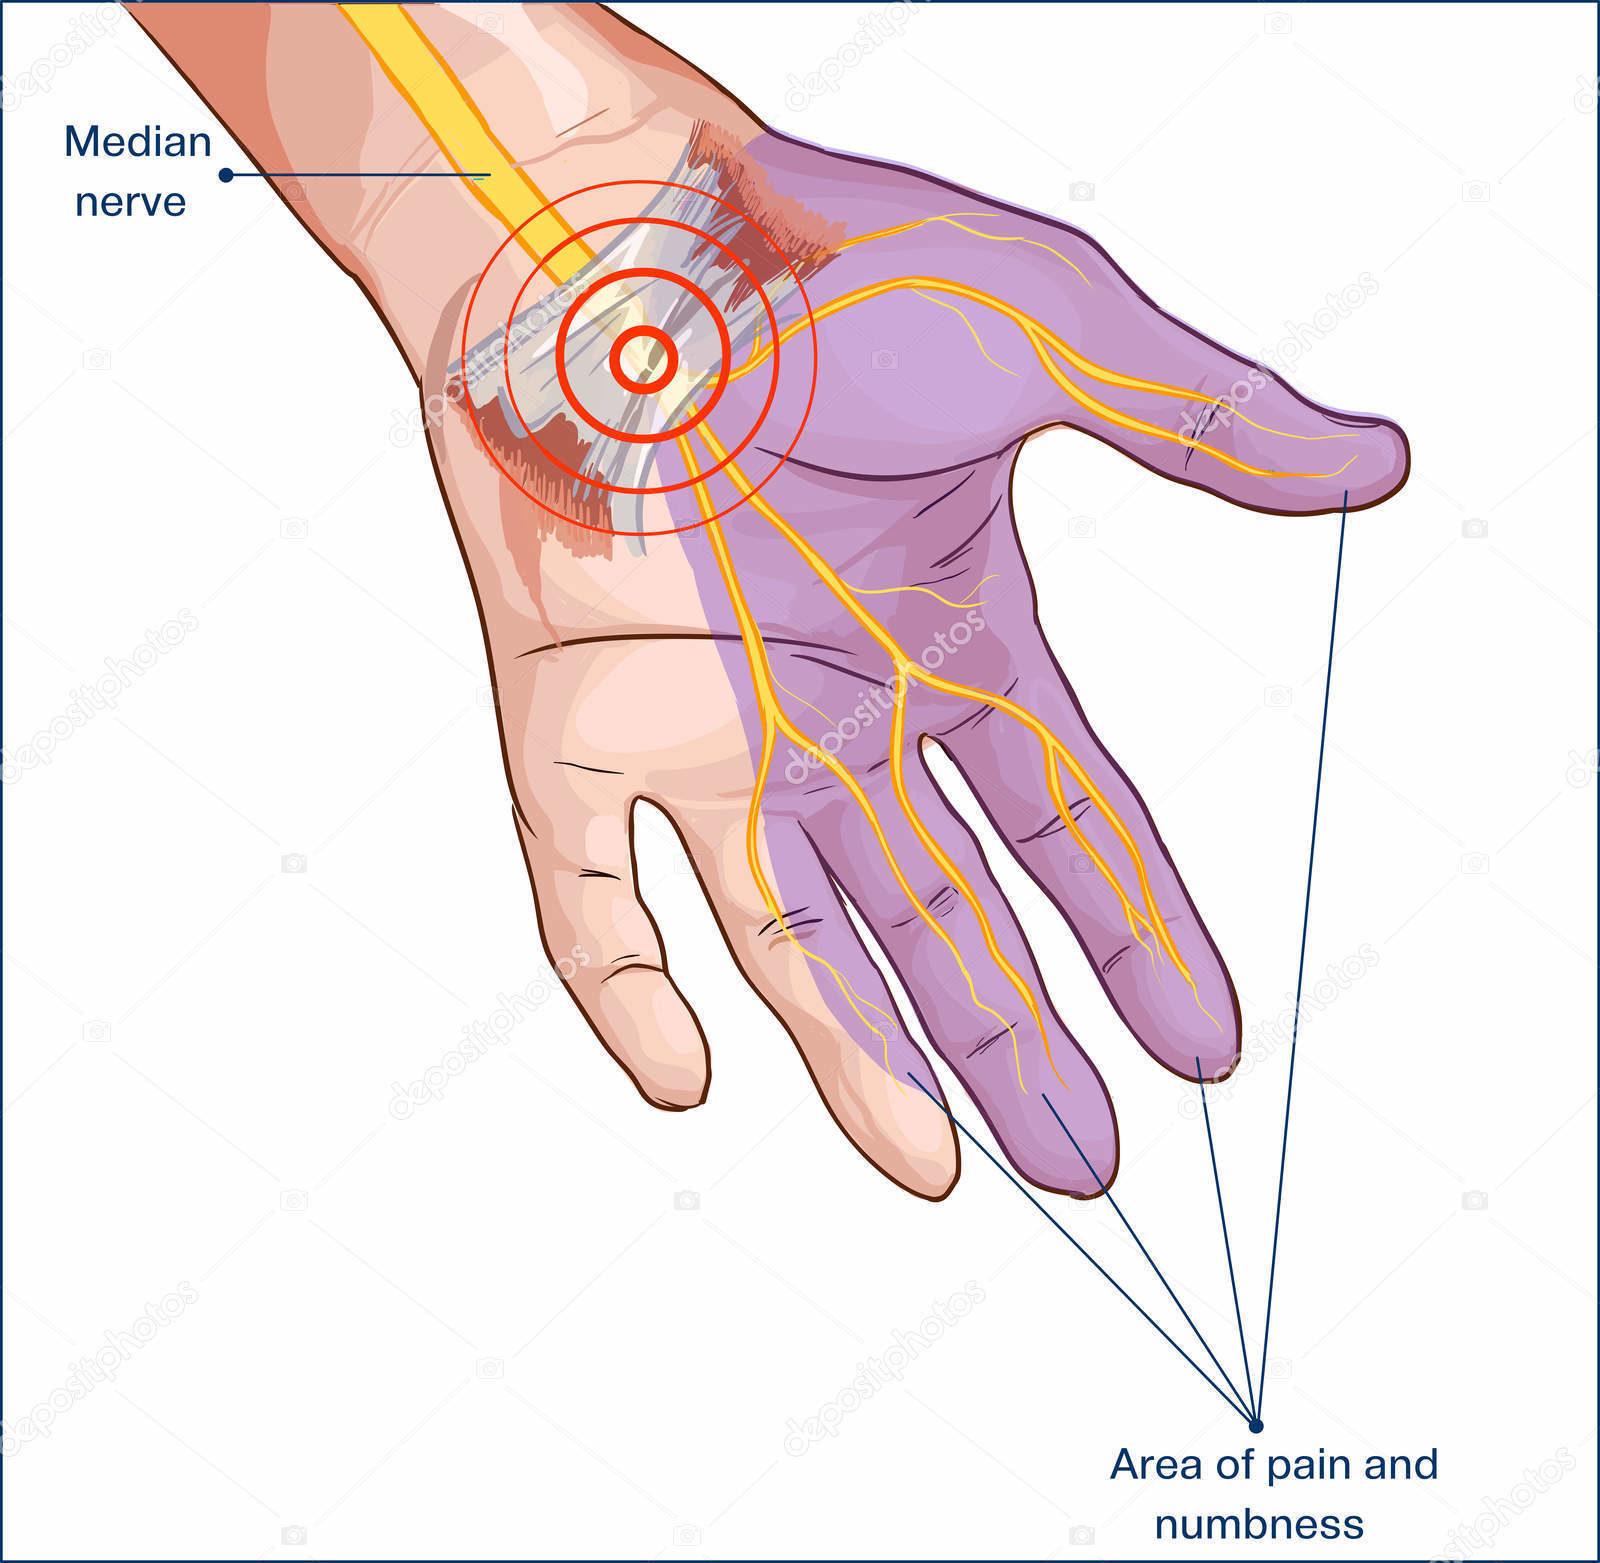 Dott. Di Mascio - Chirurgo Plastico | Chirurgia Ricostruttiva Sindrome del Tunnel Carpale